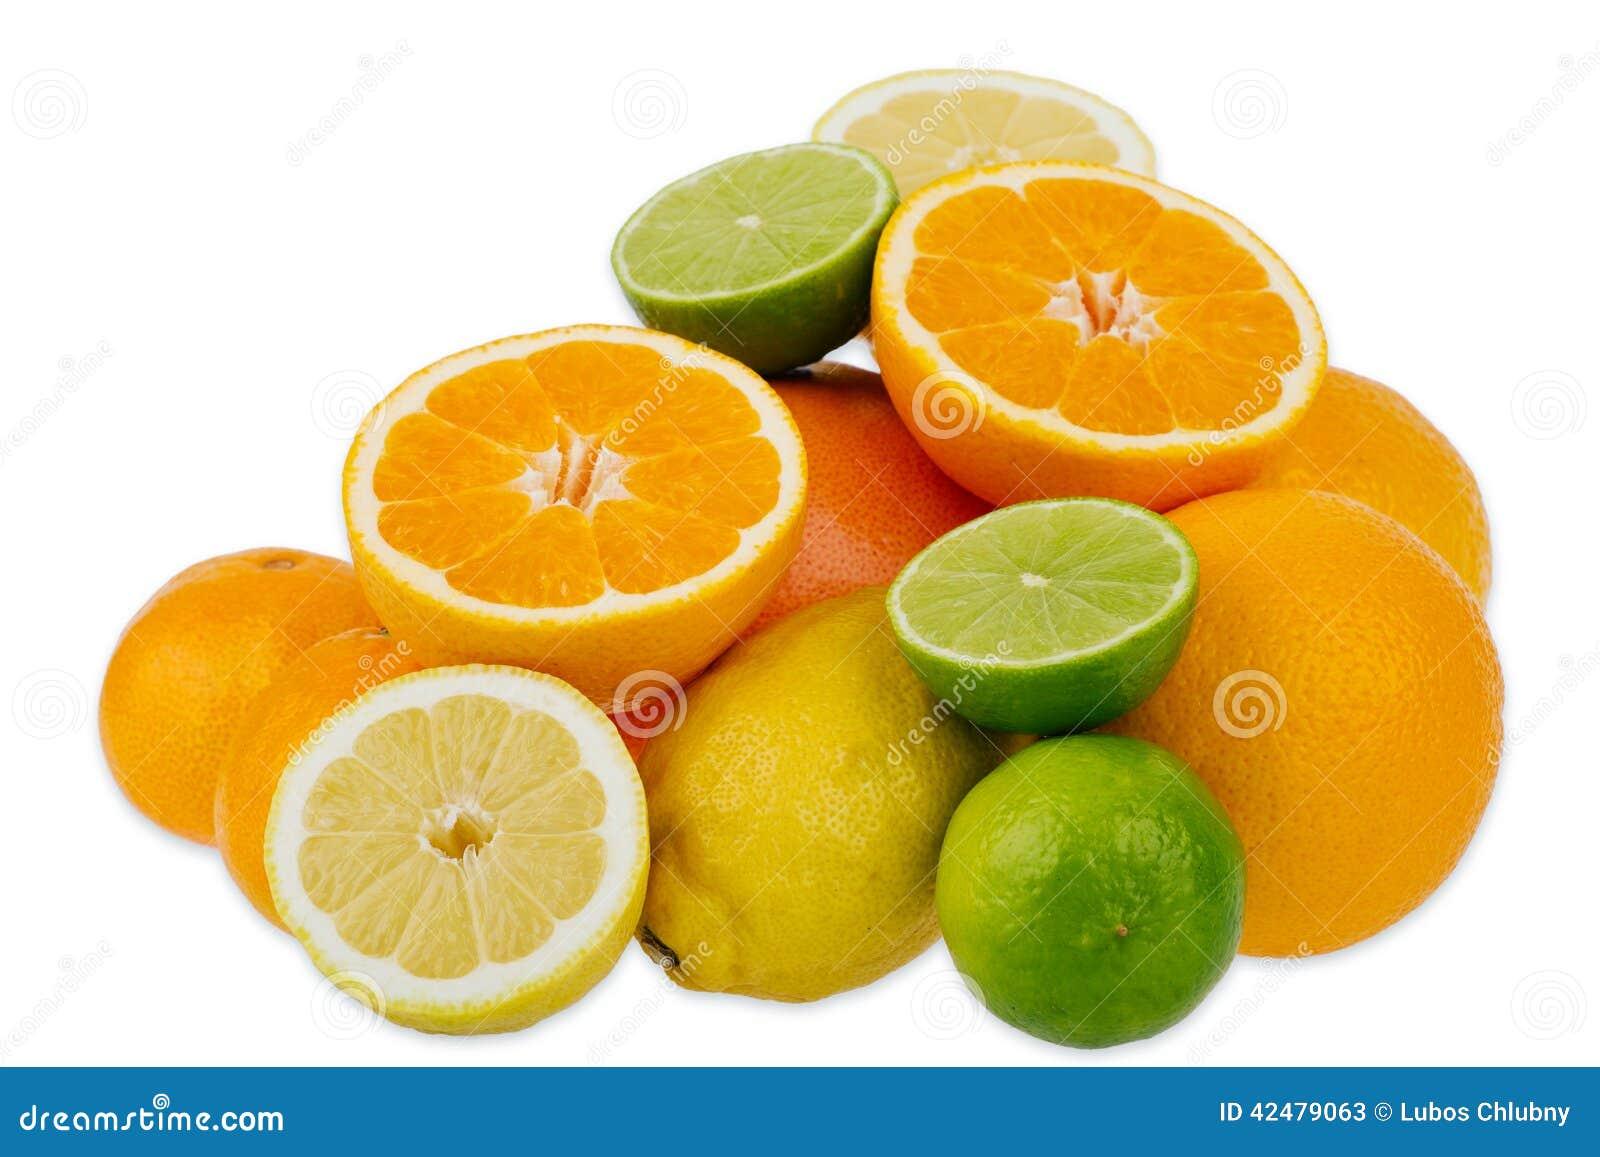 померанцы известок лимонов цитрусовых фруктов